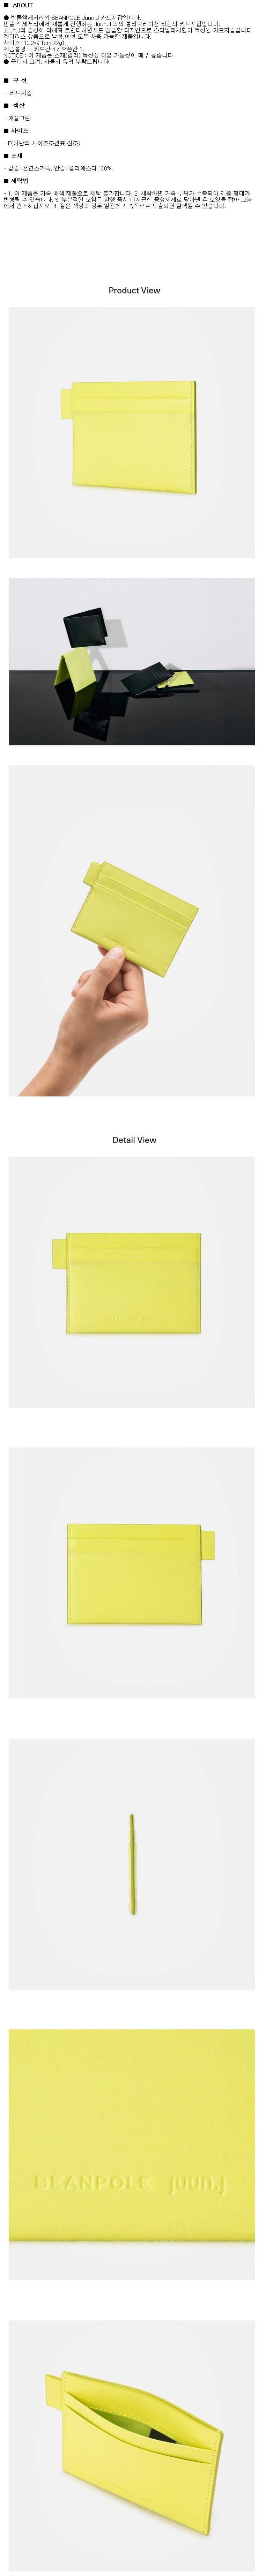 빈폴 액세서리(BEANPOLE ACCESSORY) (Unisex) 애플그린 Juun.J 카드지갑 (BE88A3X04K)